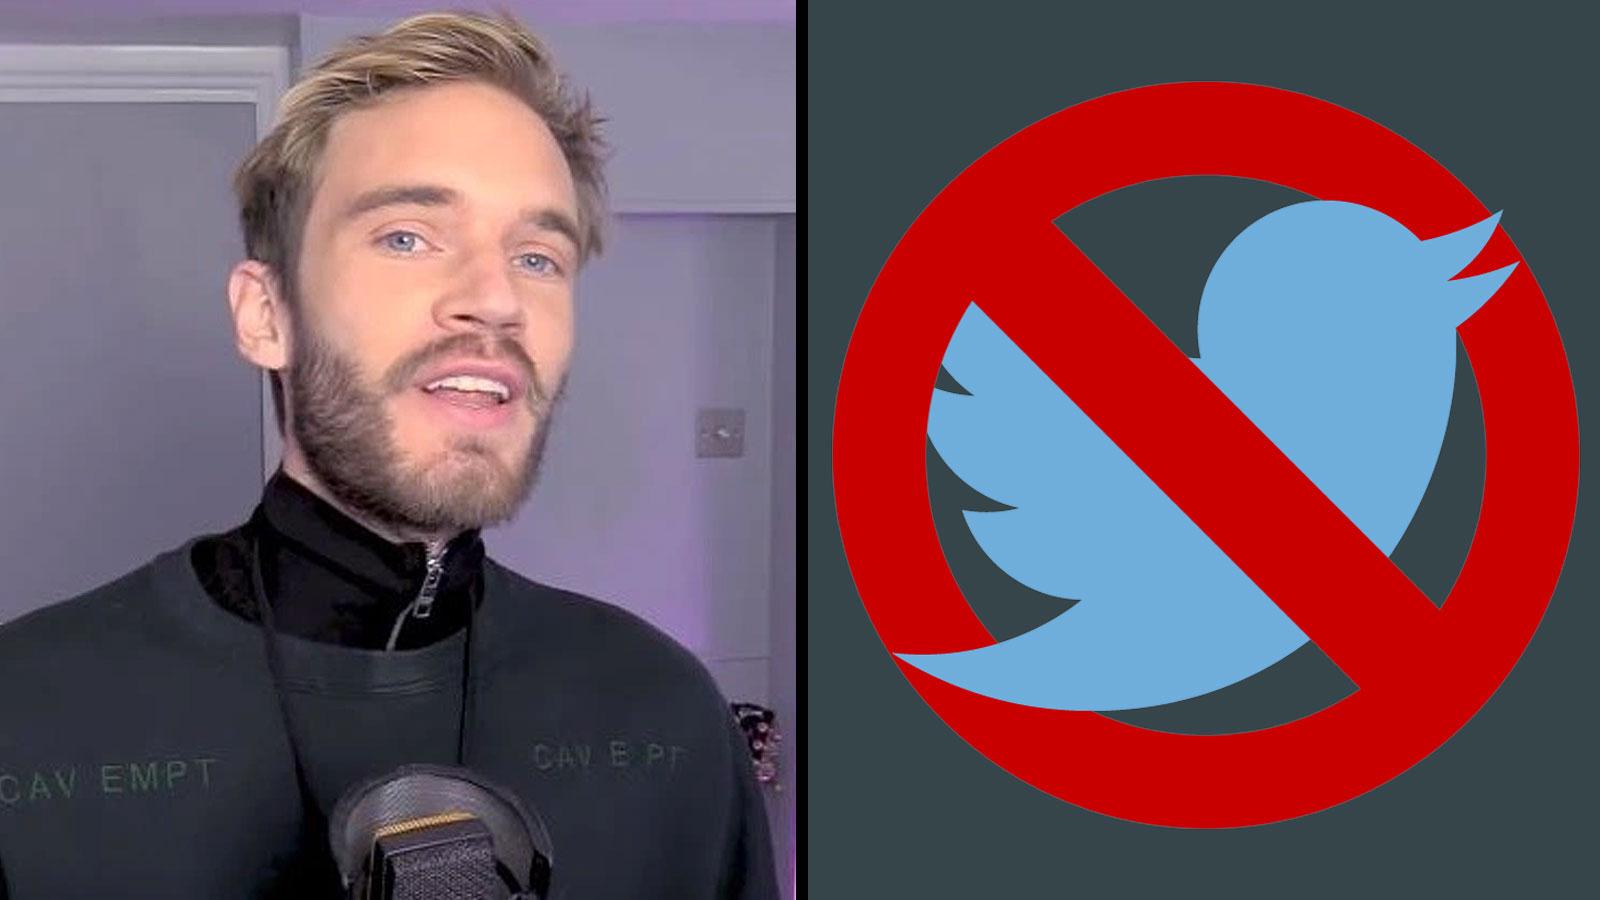 YouTube: PewDiePie / Twitter